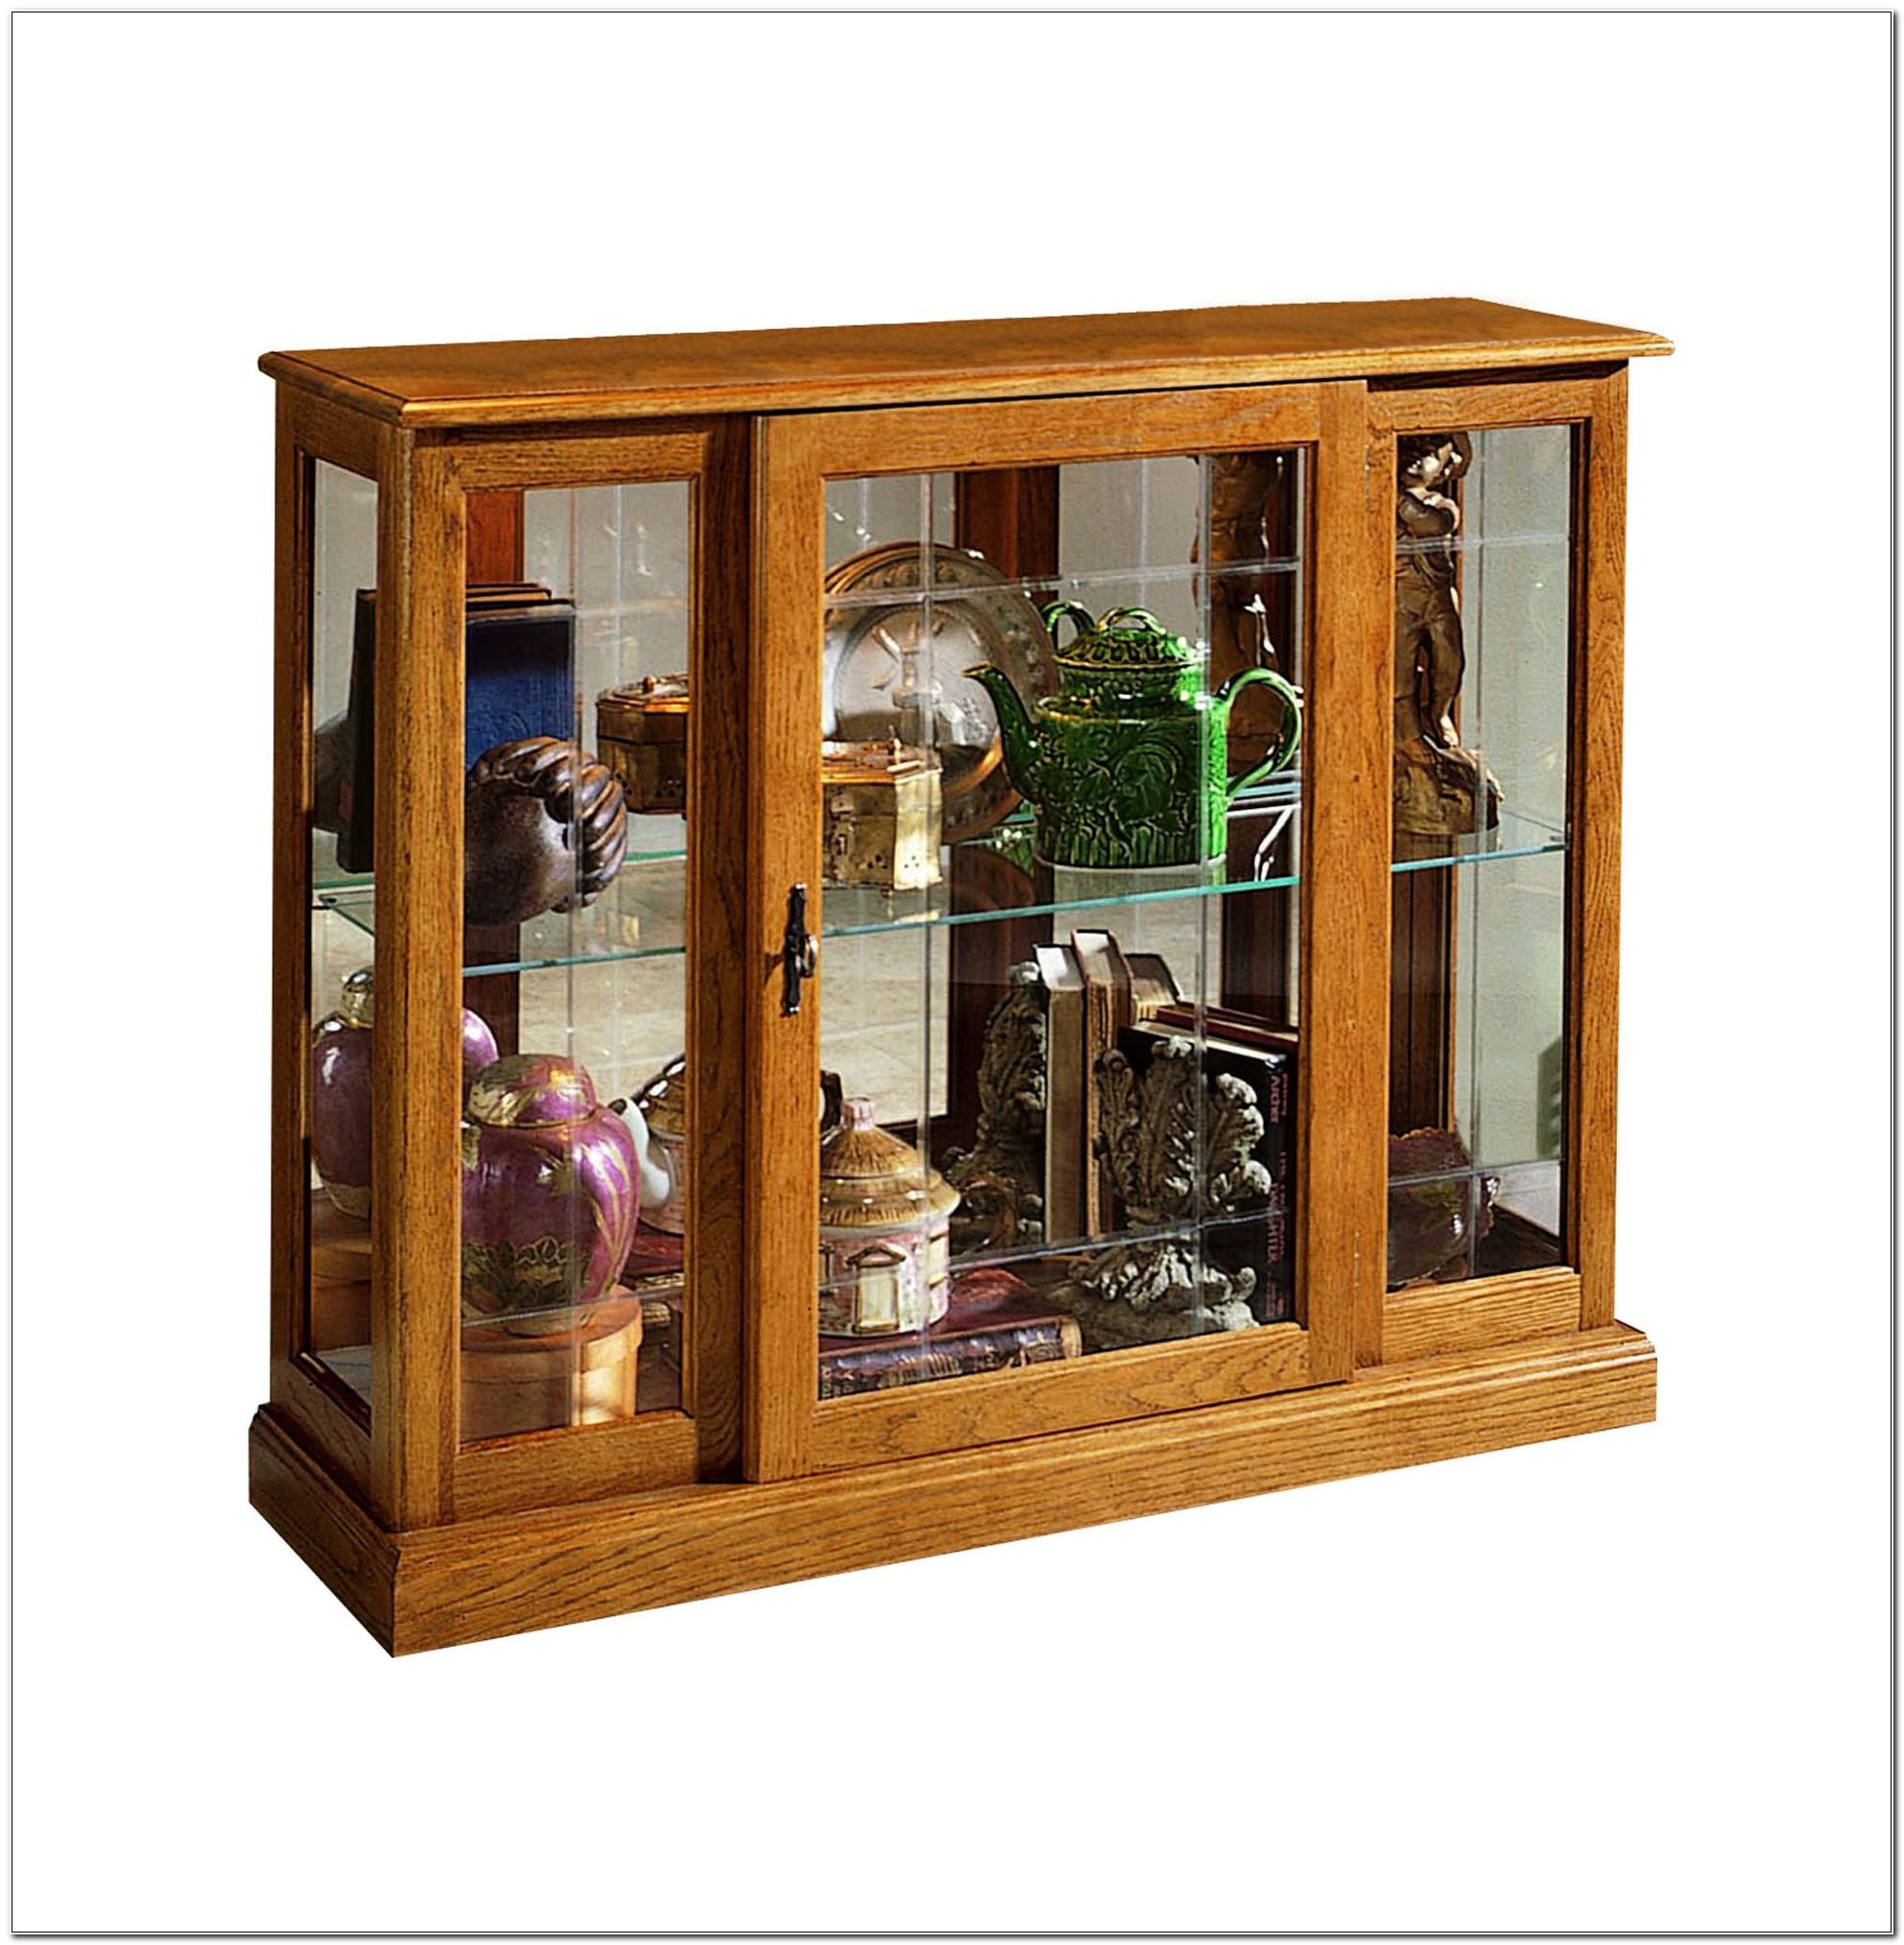 Pulaski Golden Oak Console Curio Cabinet